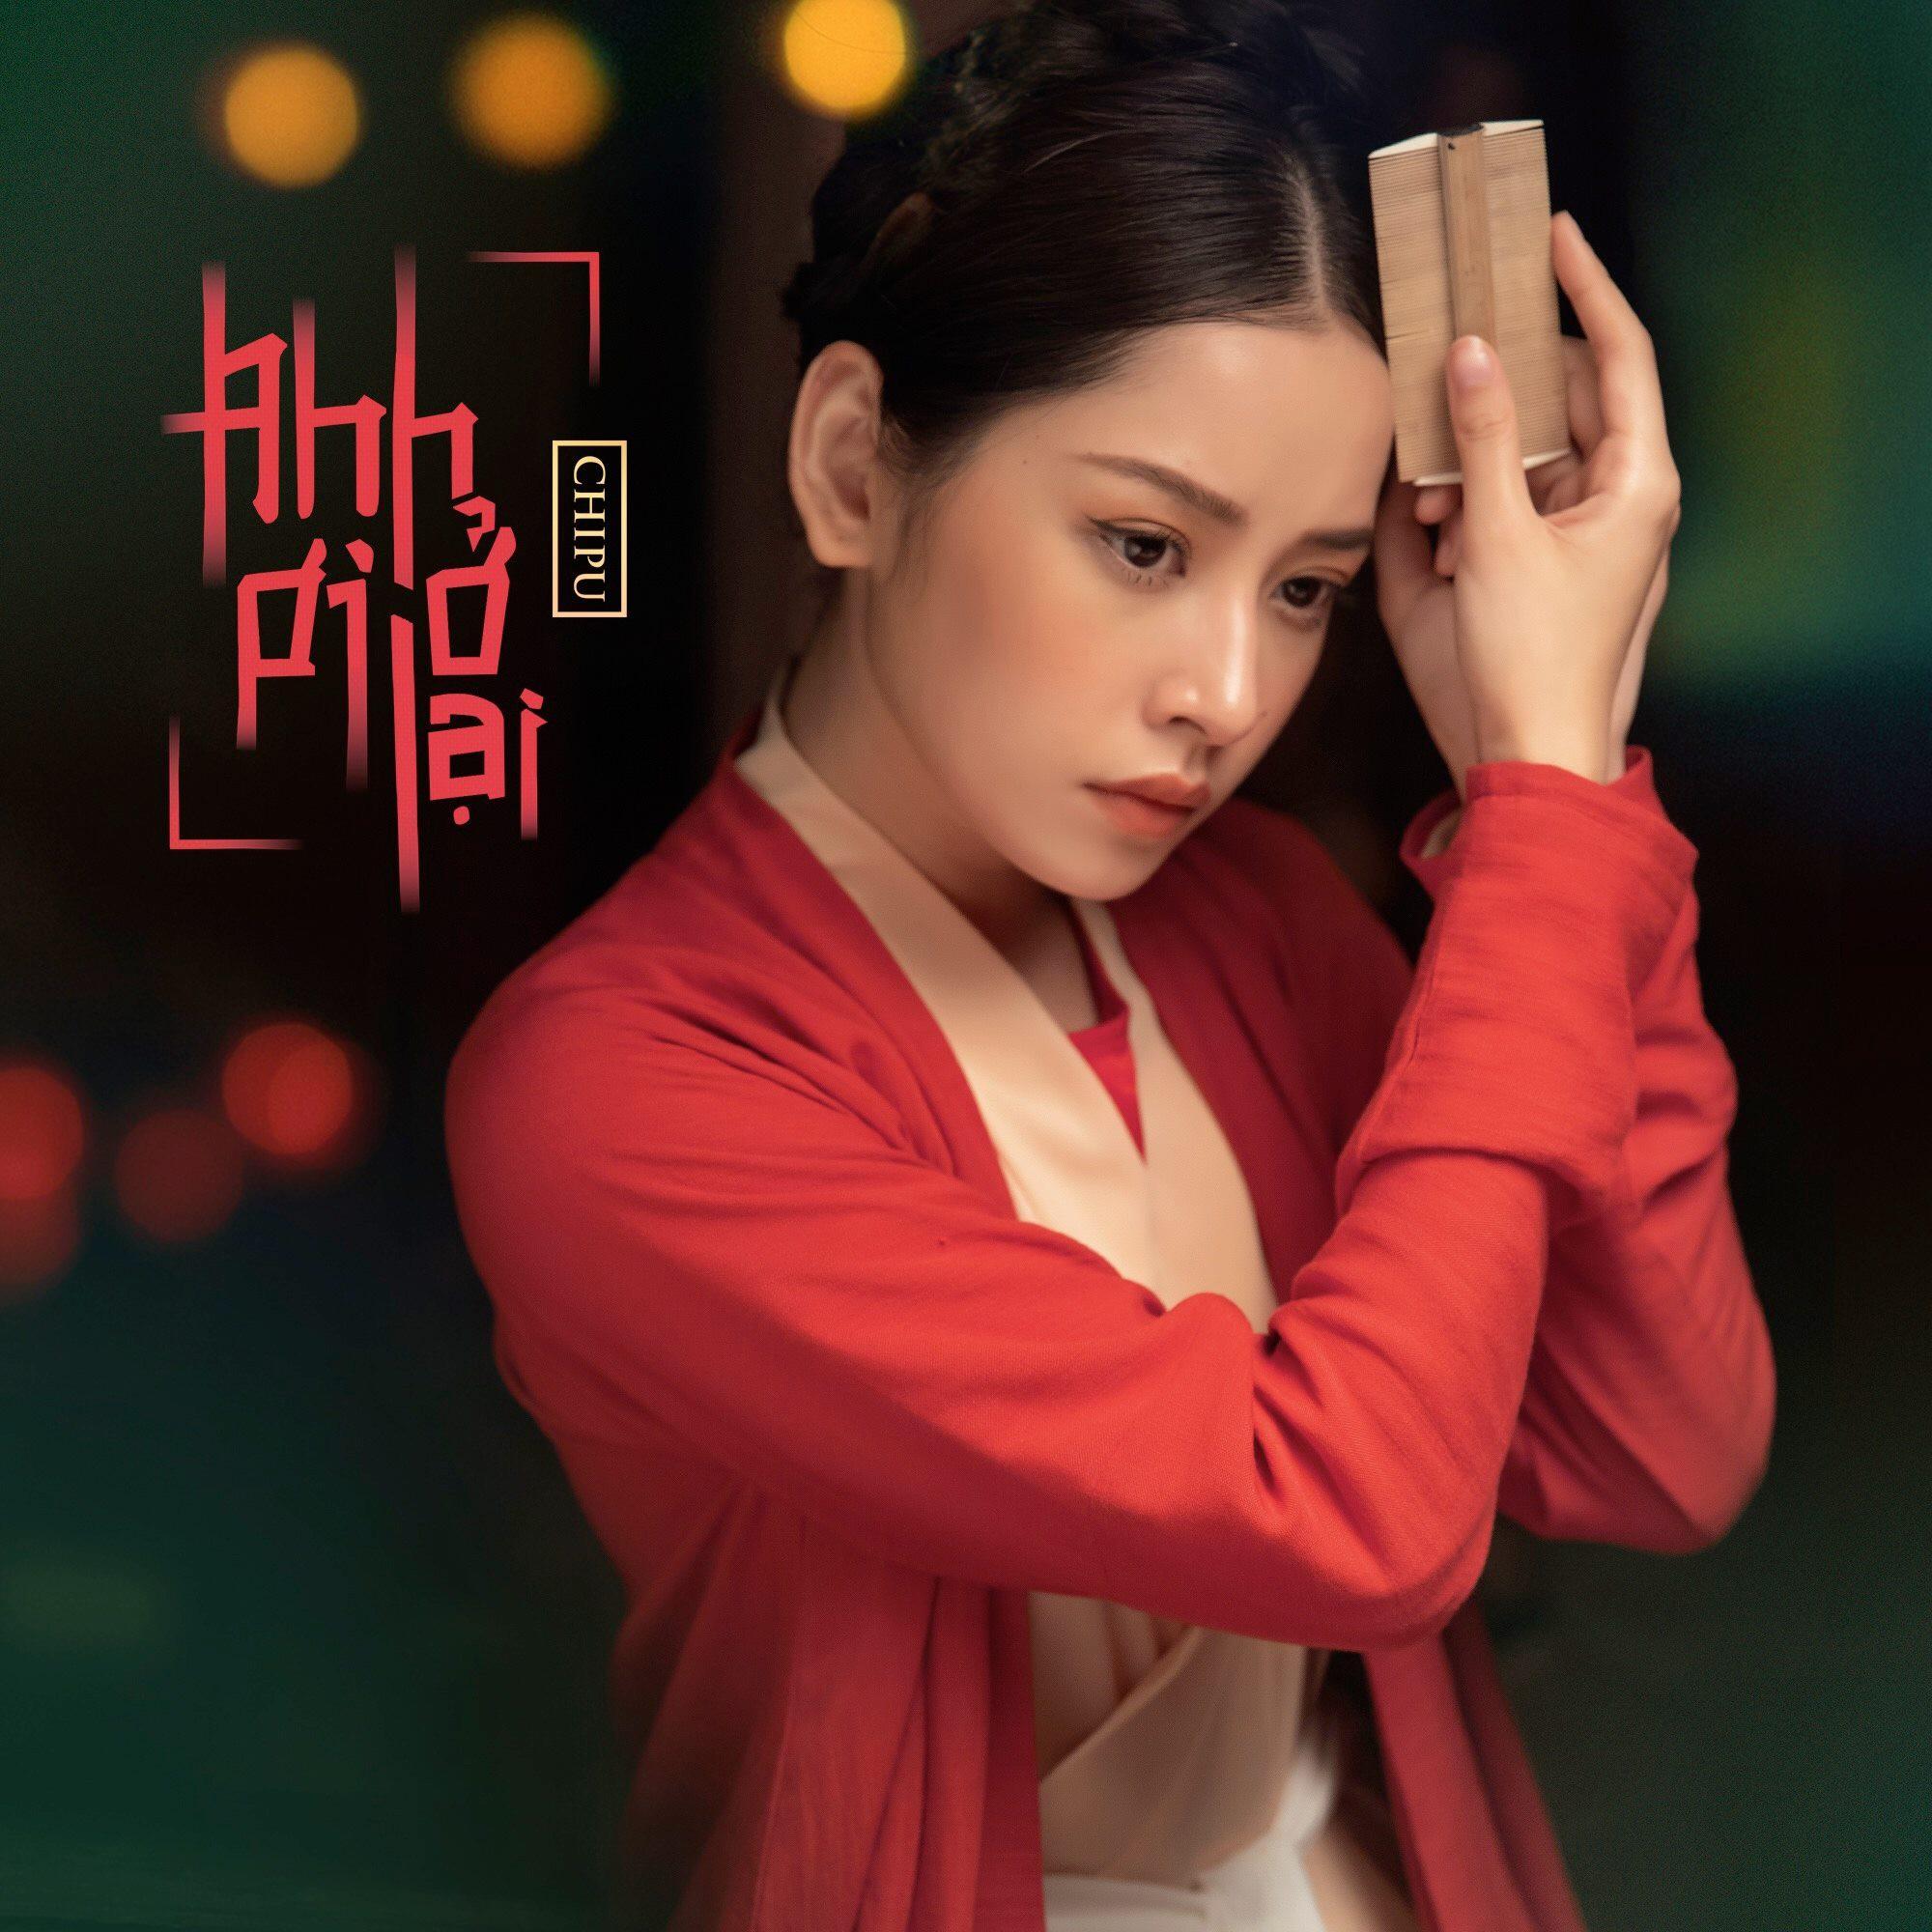 Ra MV mới, Chi Pu ghi điểm với những thay đổi tích cực và 3 điều lần đầu tiên khán giả được chứng kiến - Ảnh 2.